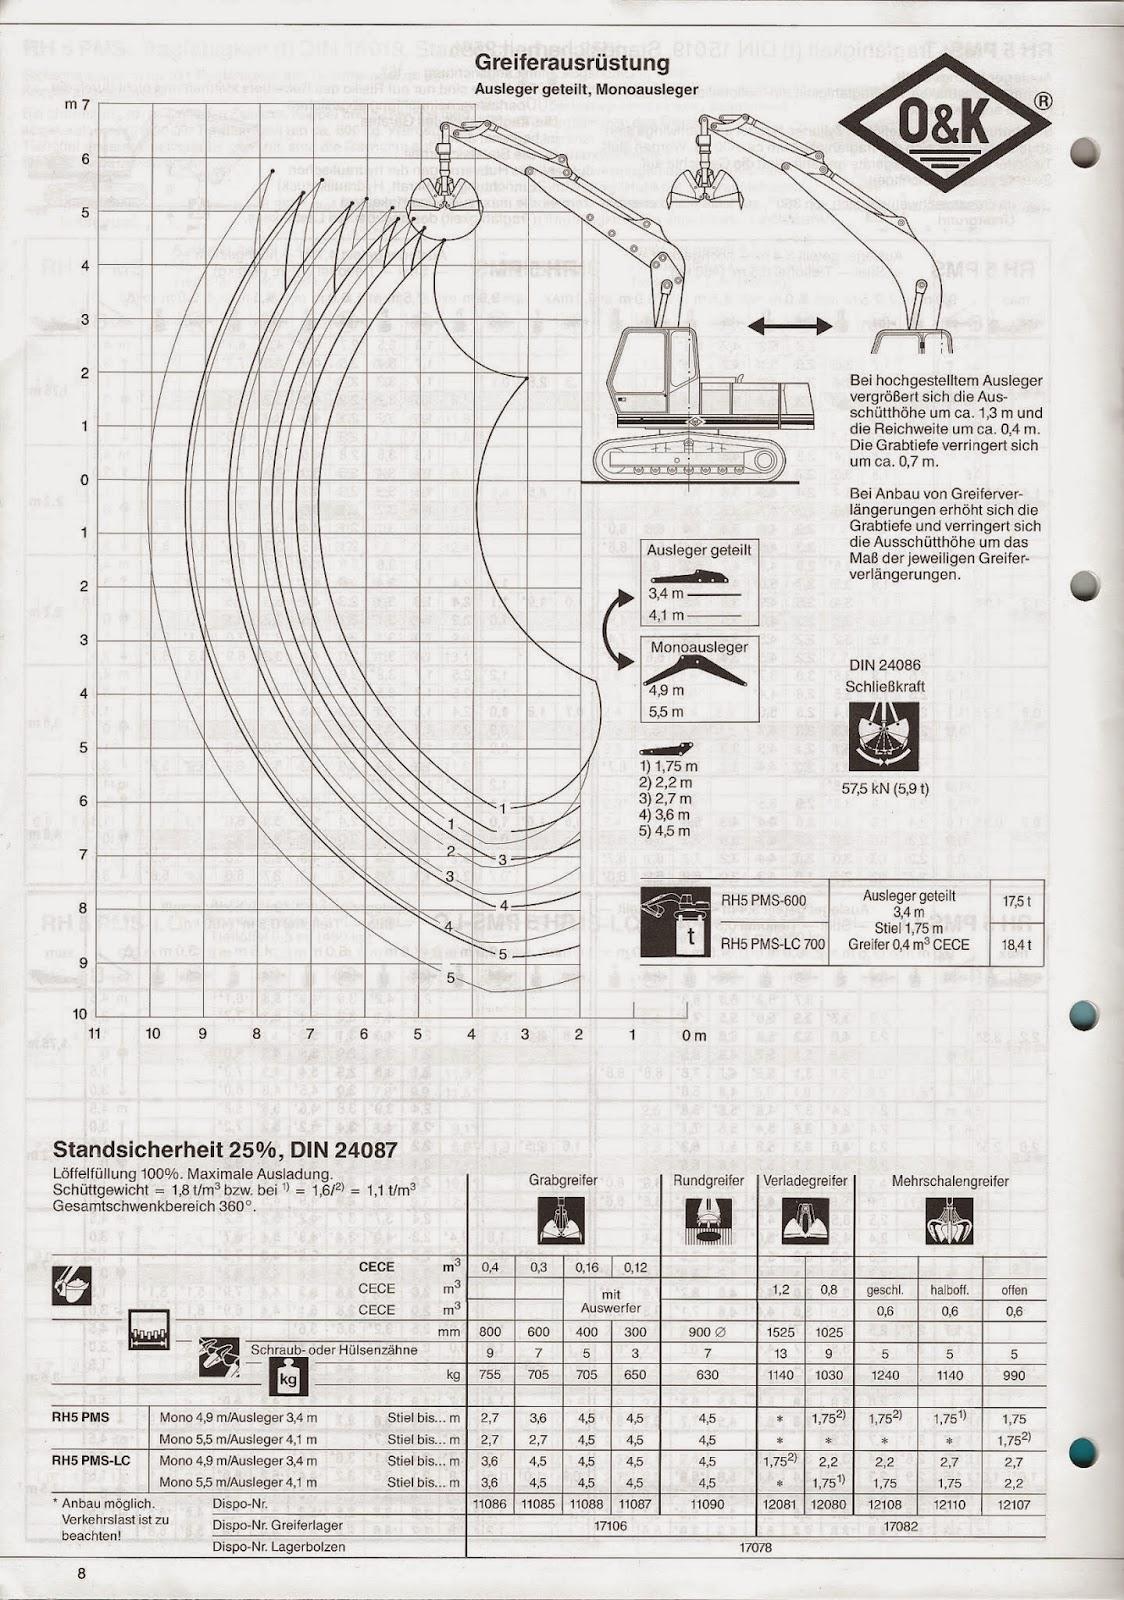 Rs O Amp K Baumaschinen O Amp K Rh 5 Technische Daten